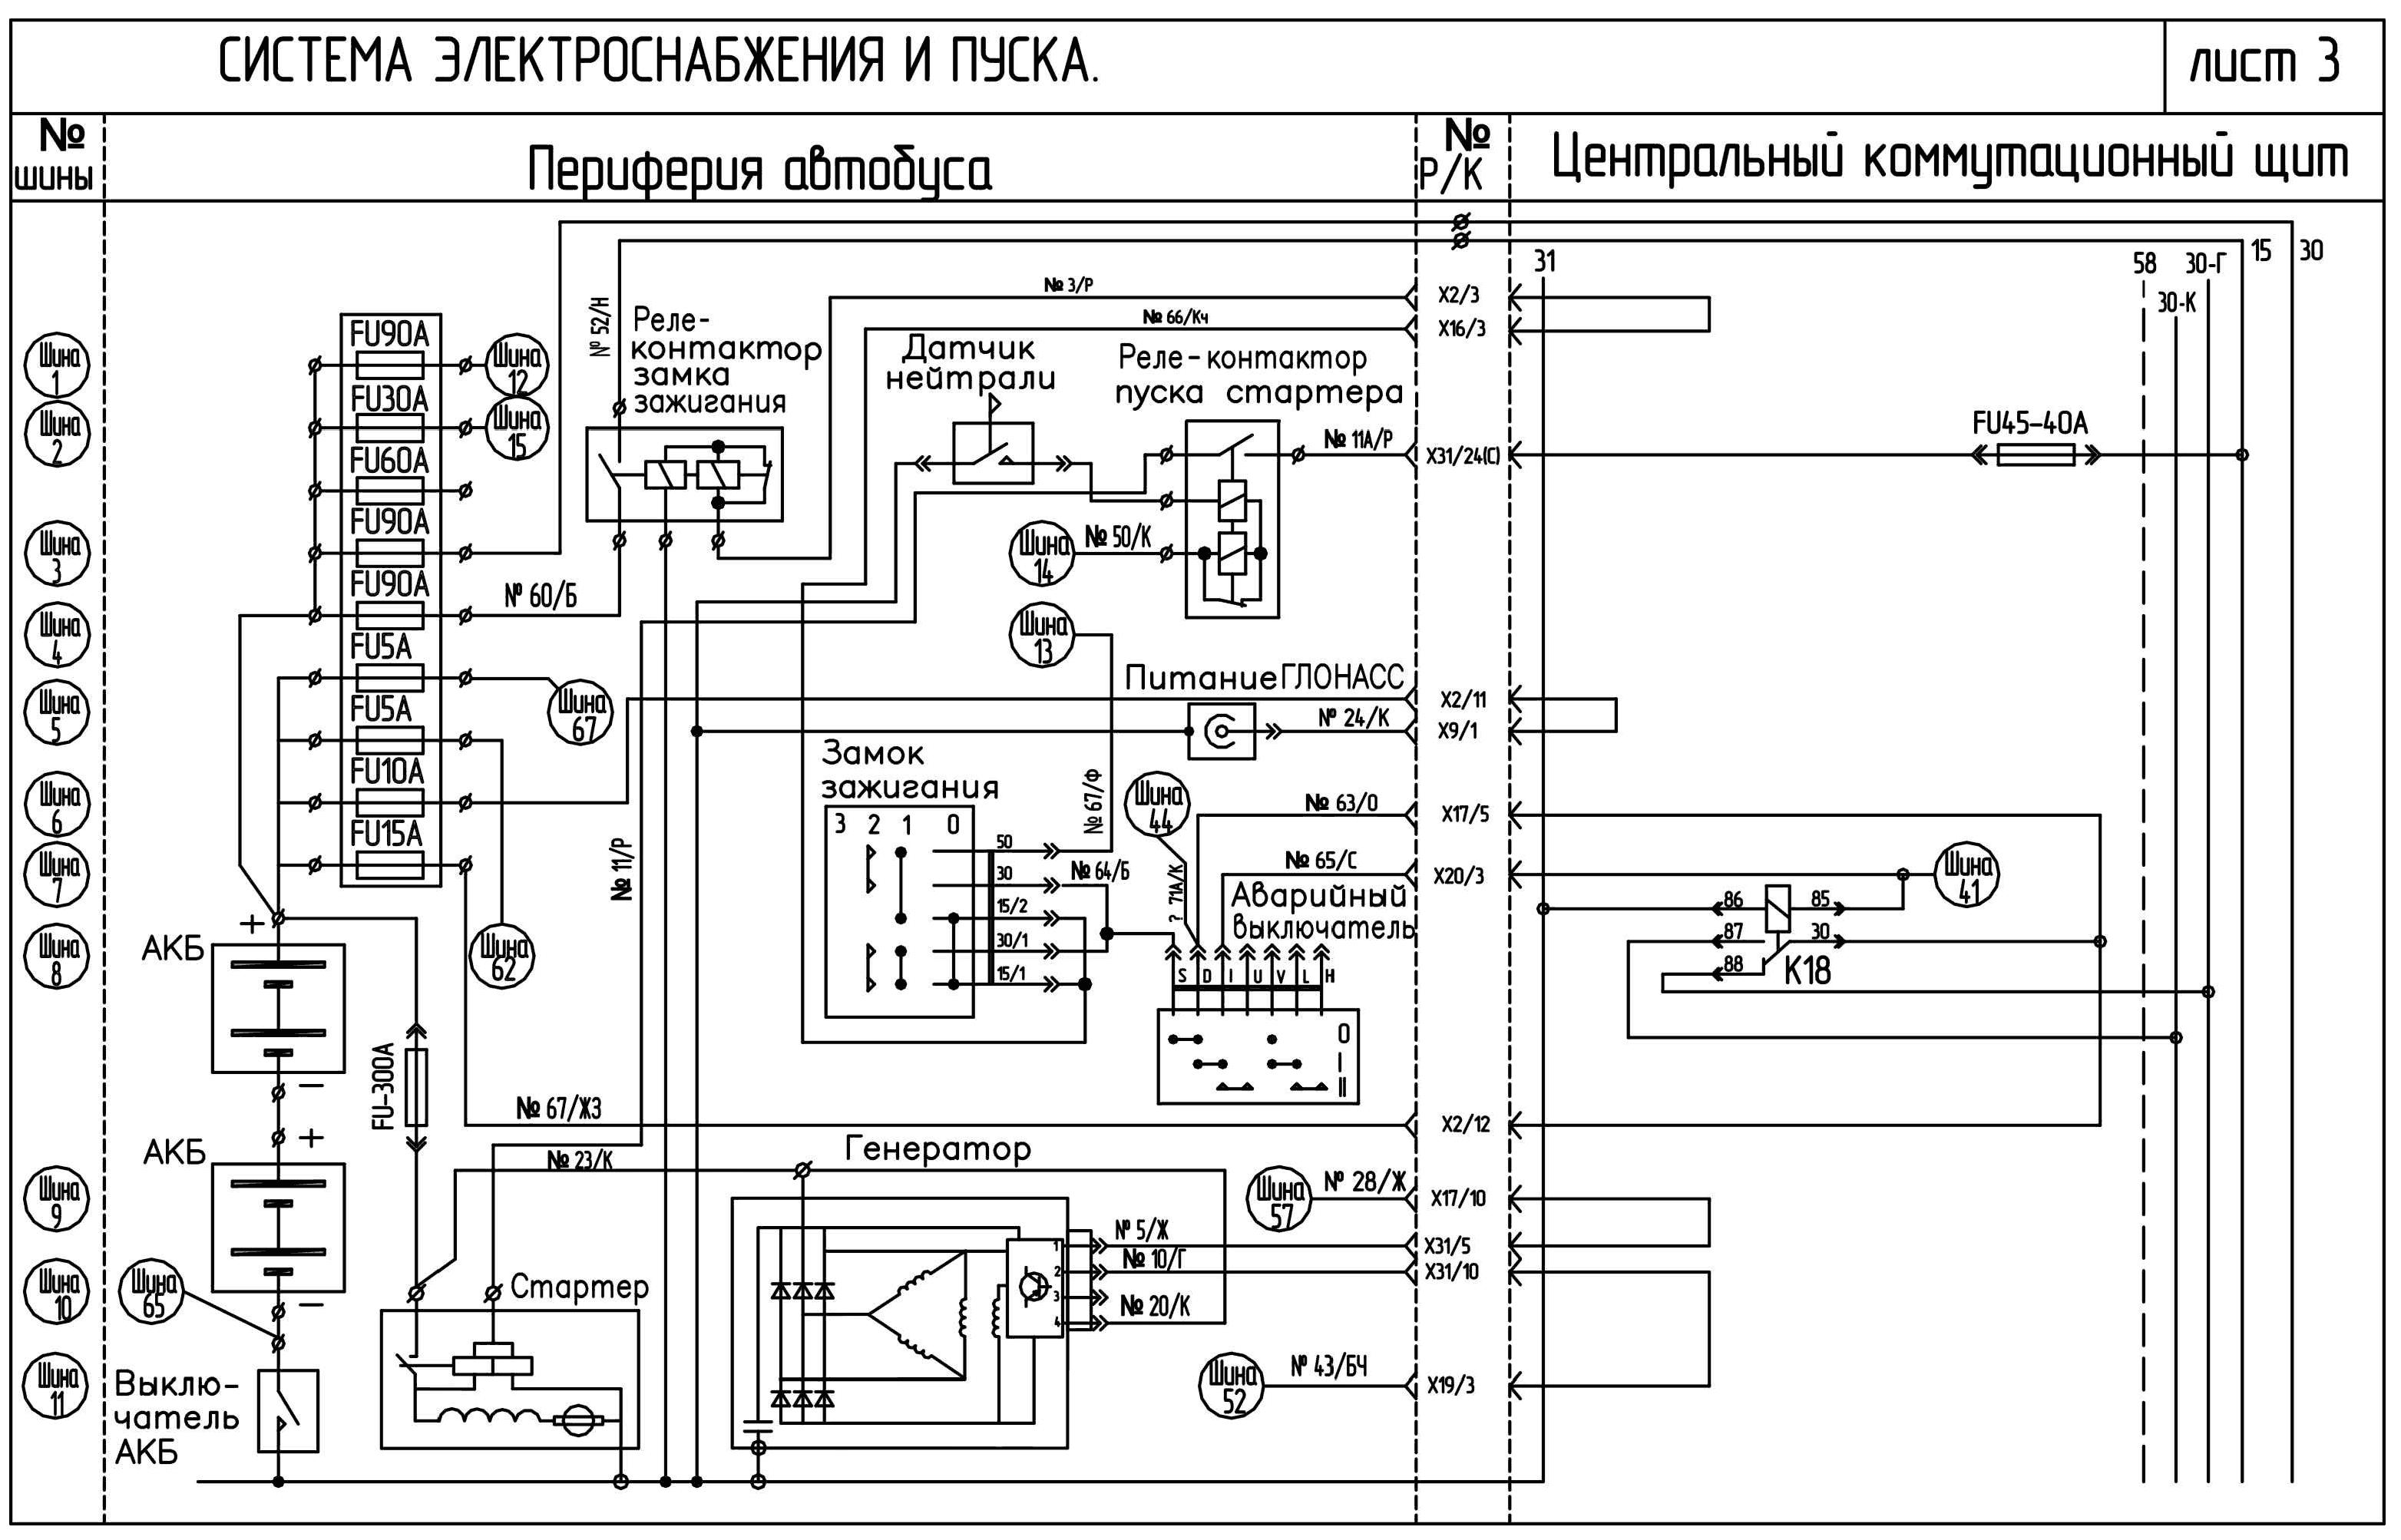 Схемы электрические lada kalina люкс + air bag+abs+апс-6. 1.